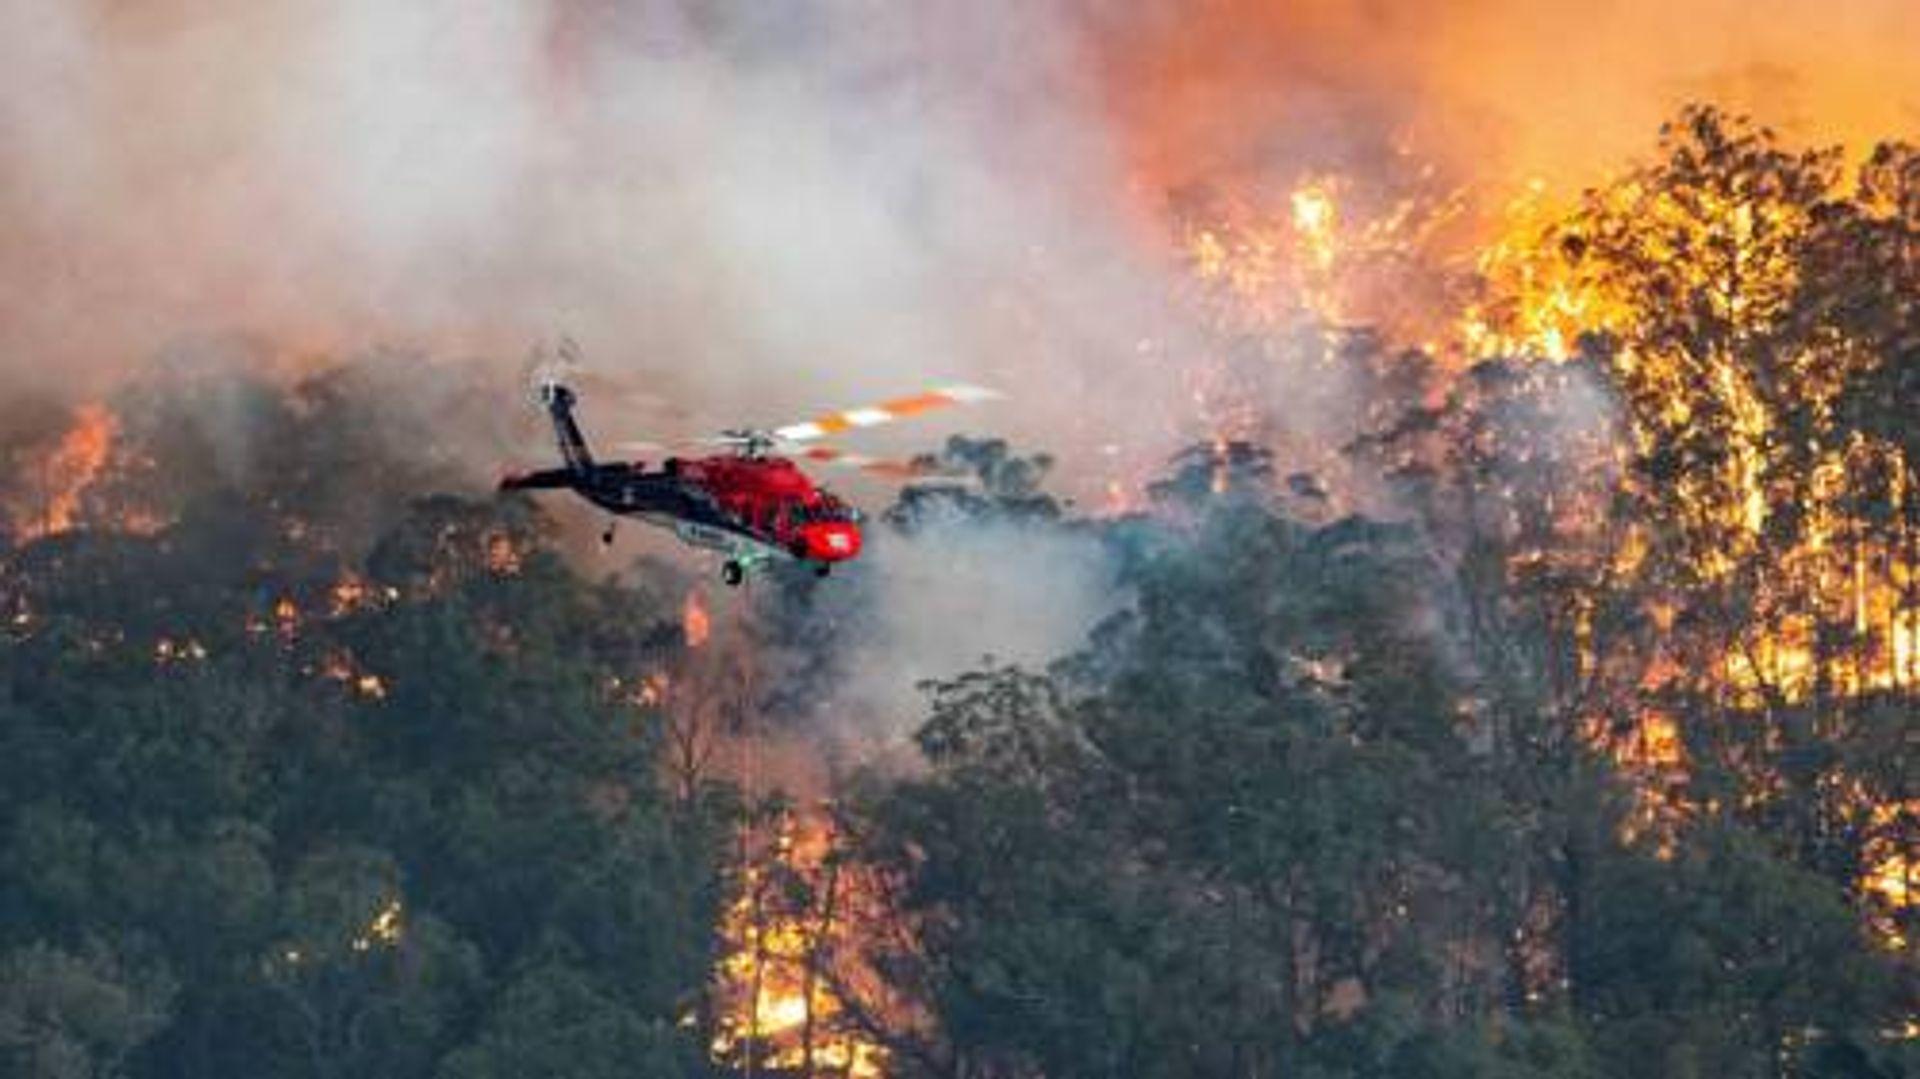 Hoe zijn de bosbranden in Australië zo uit de hand gelopen?...